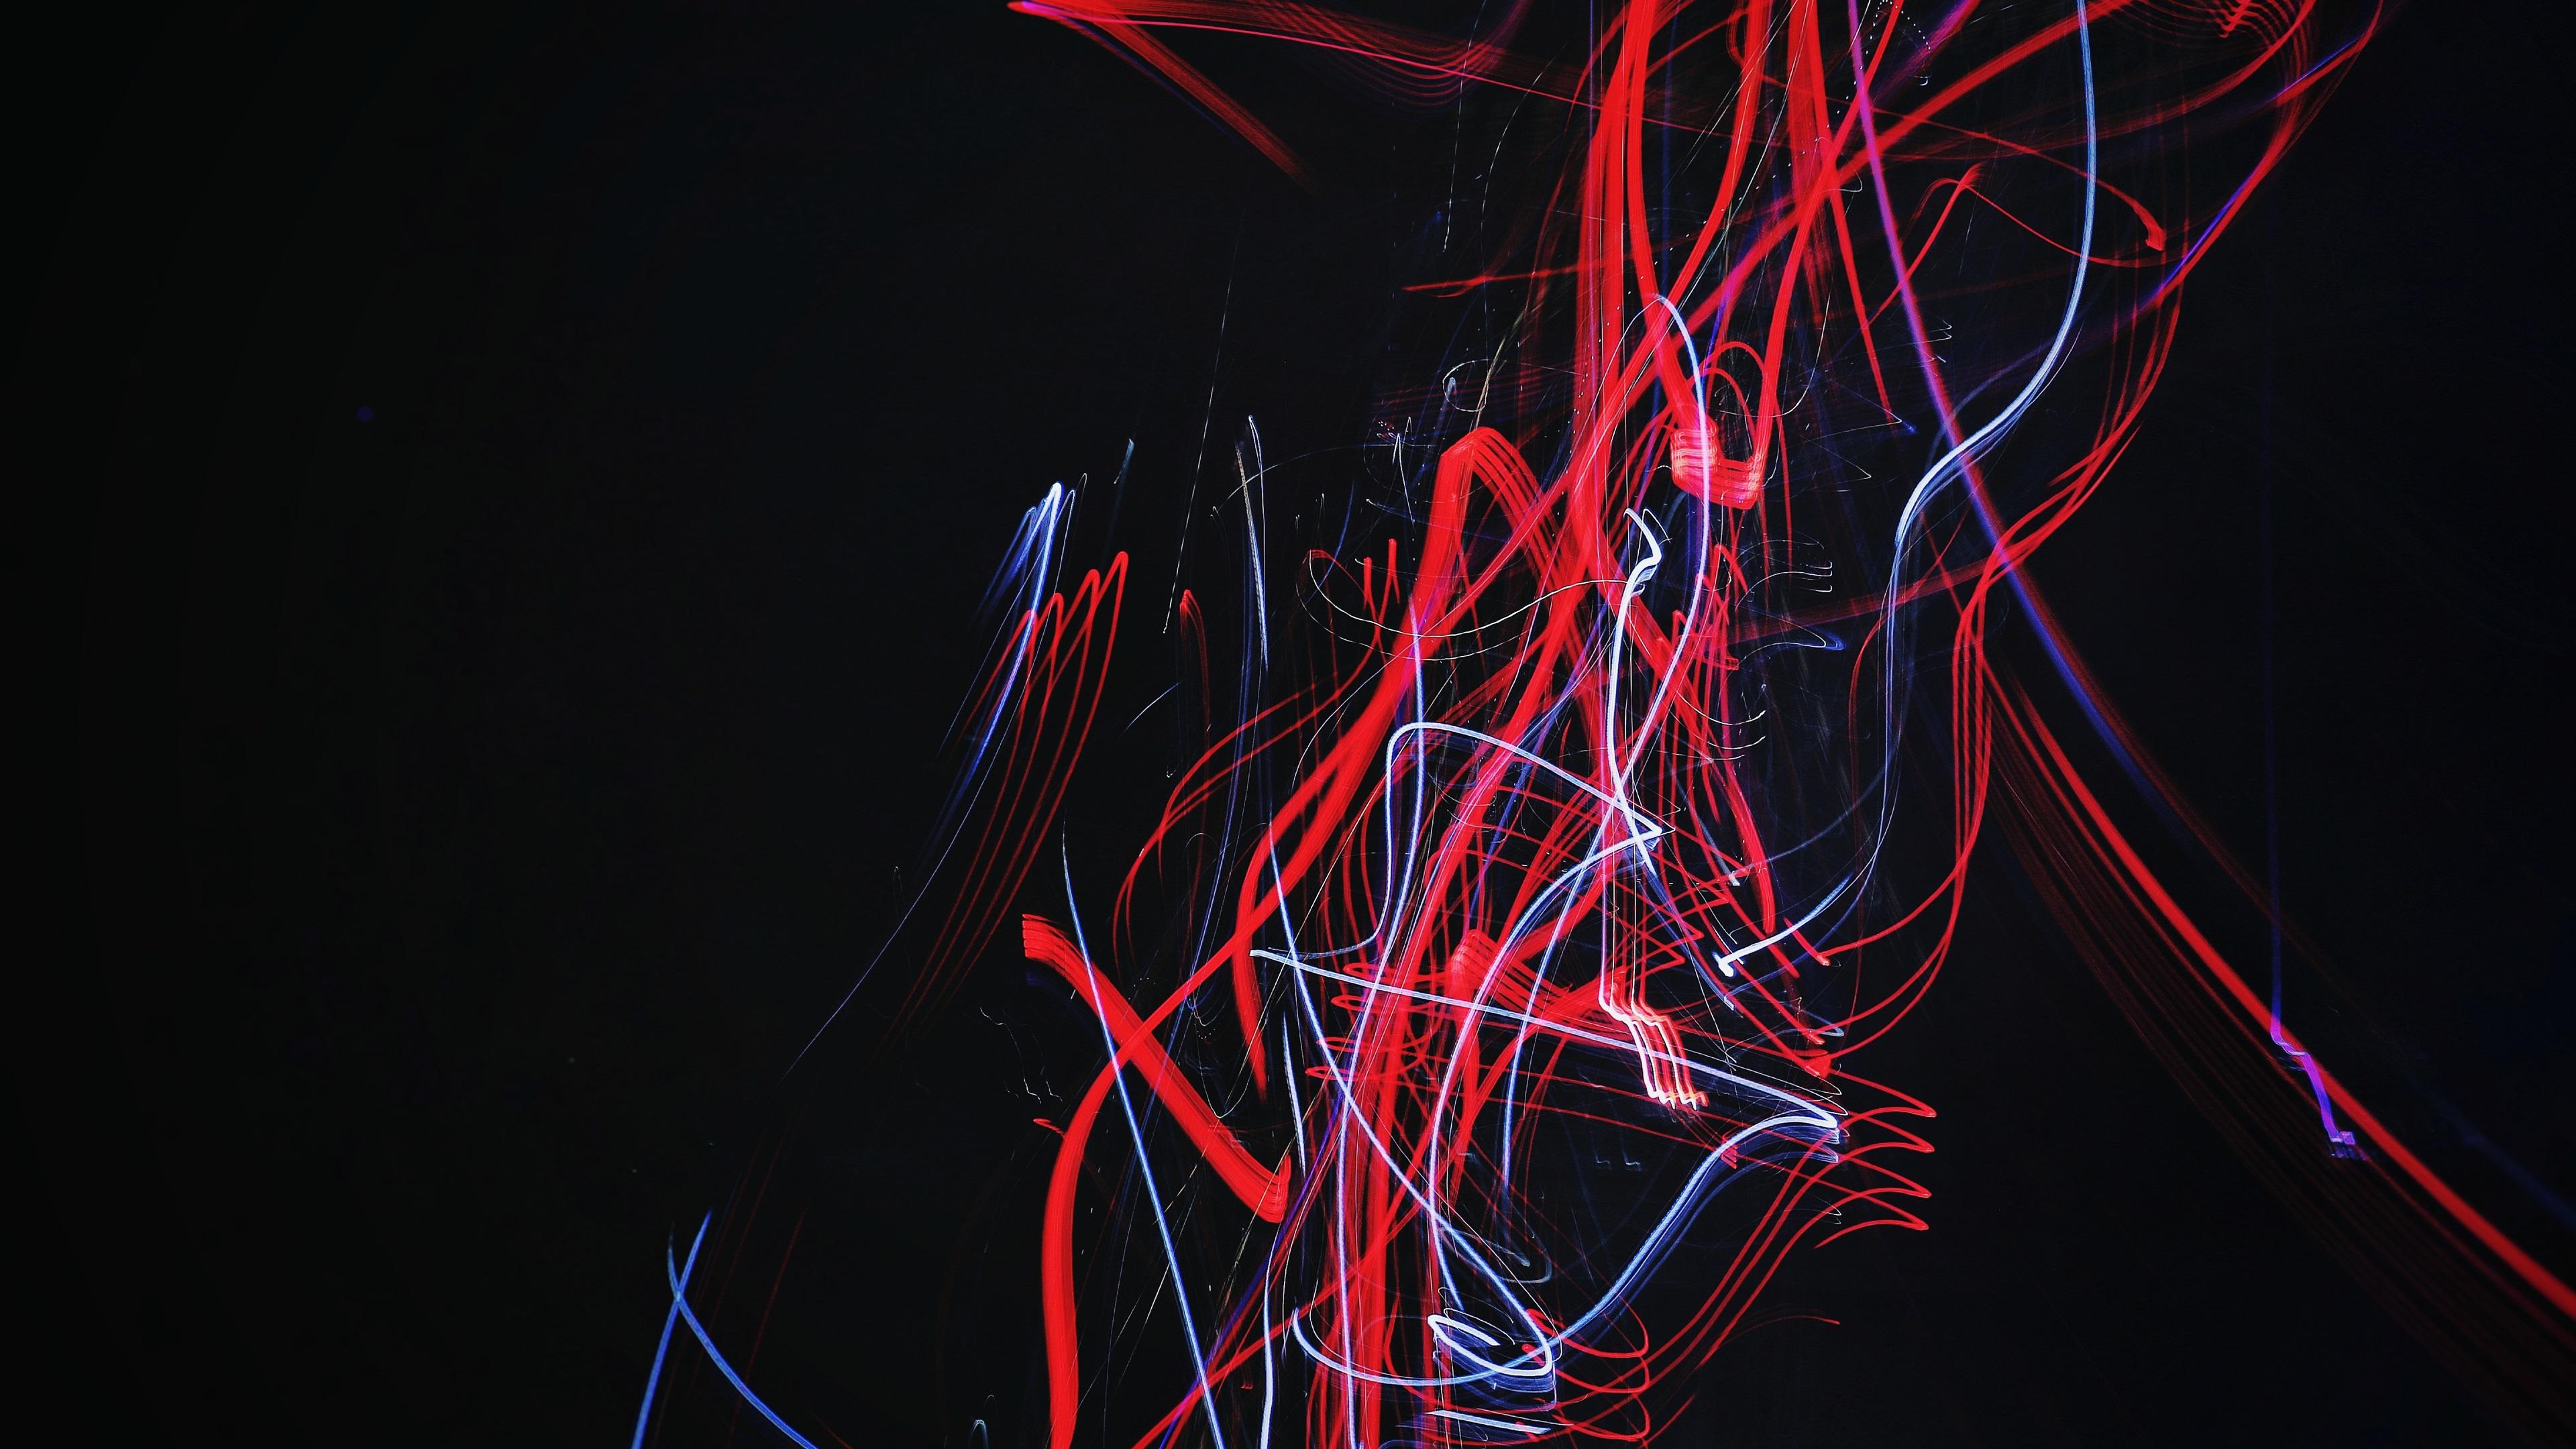 Fondo De Pantalla Abstracto Barras De Colores: Fondos De Pantalla Rayas De Colores, Fondo Negro